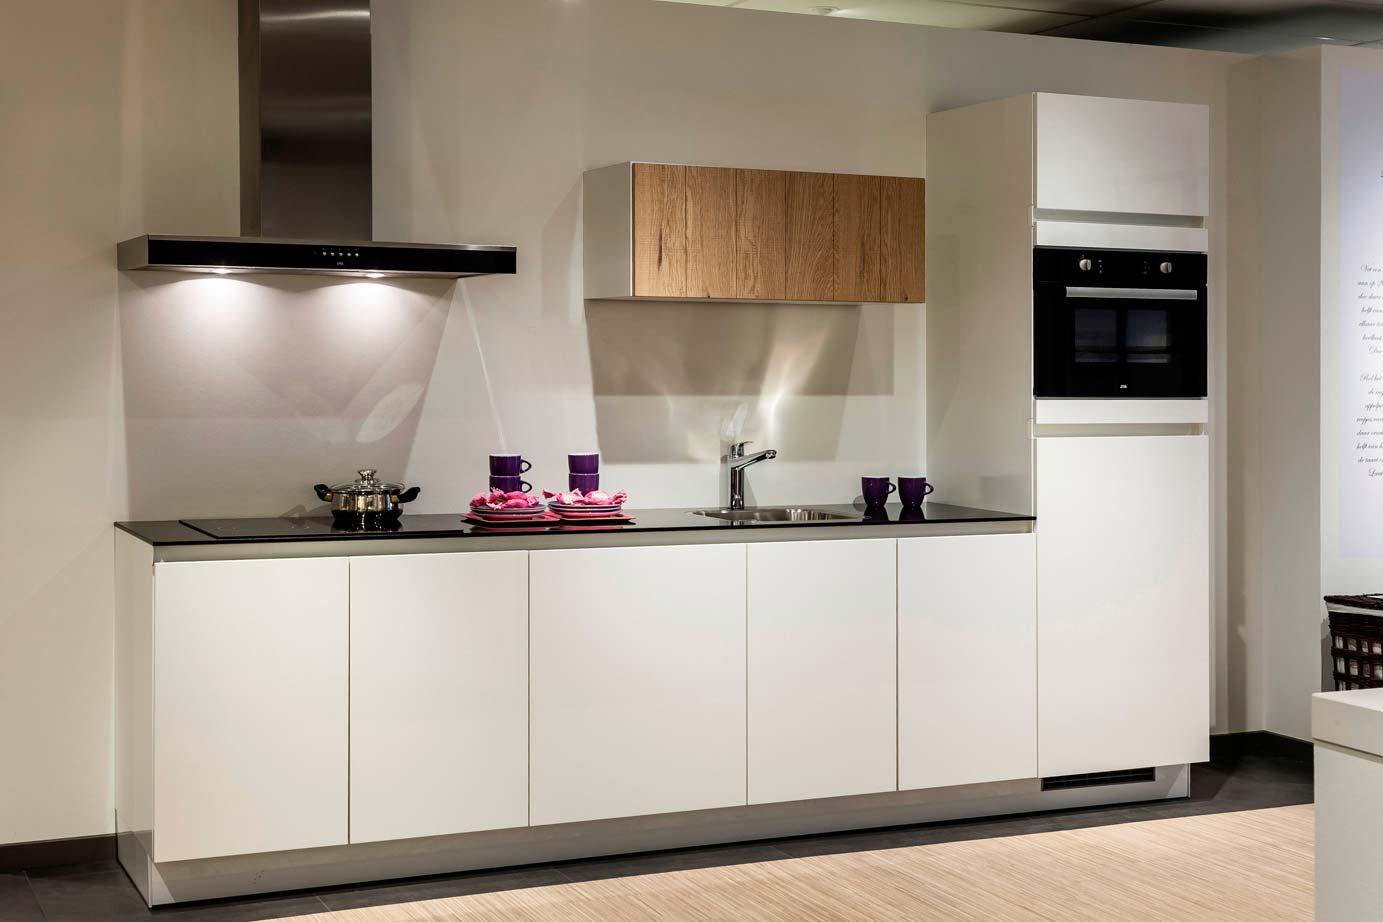 Alle keuken voorbeelden Bekijk de grote collectie keukens